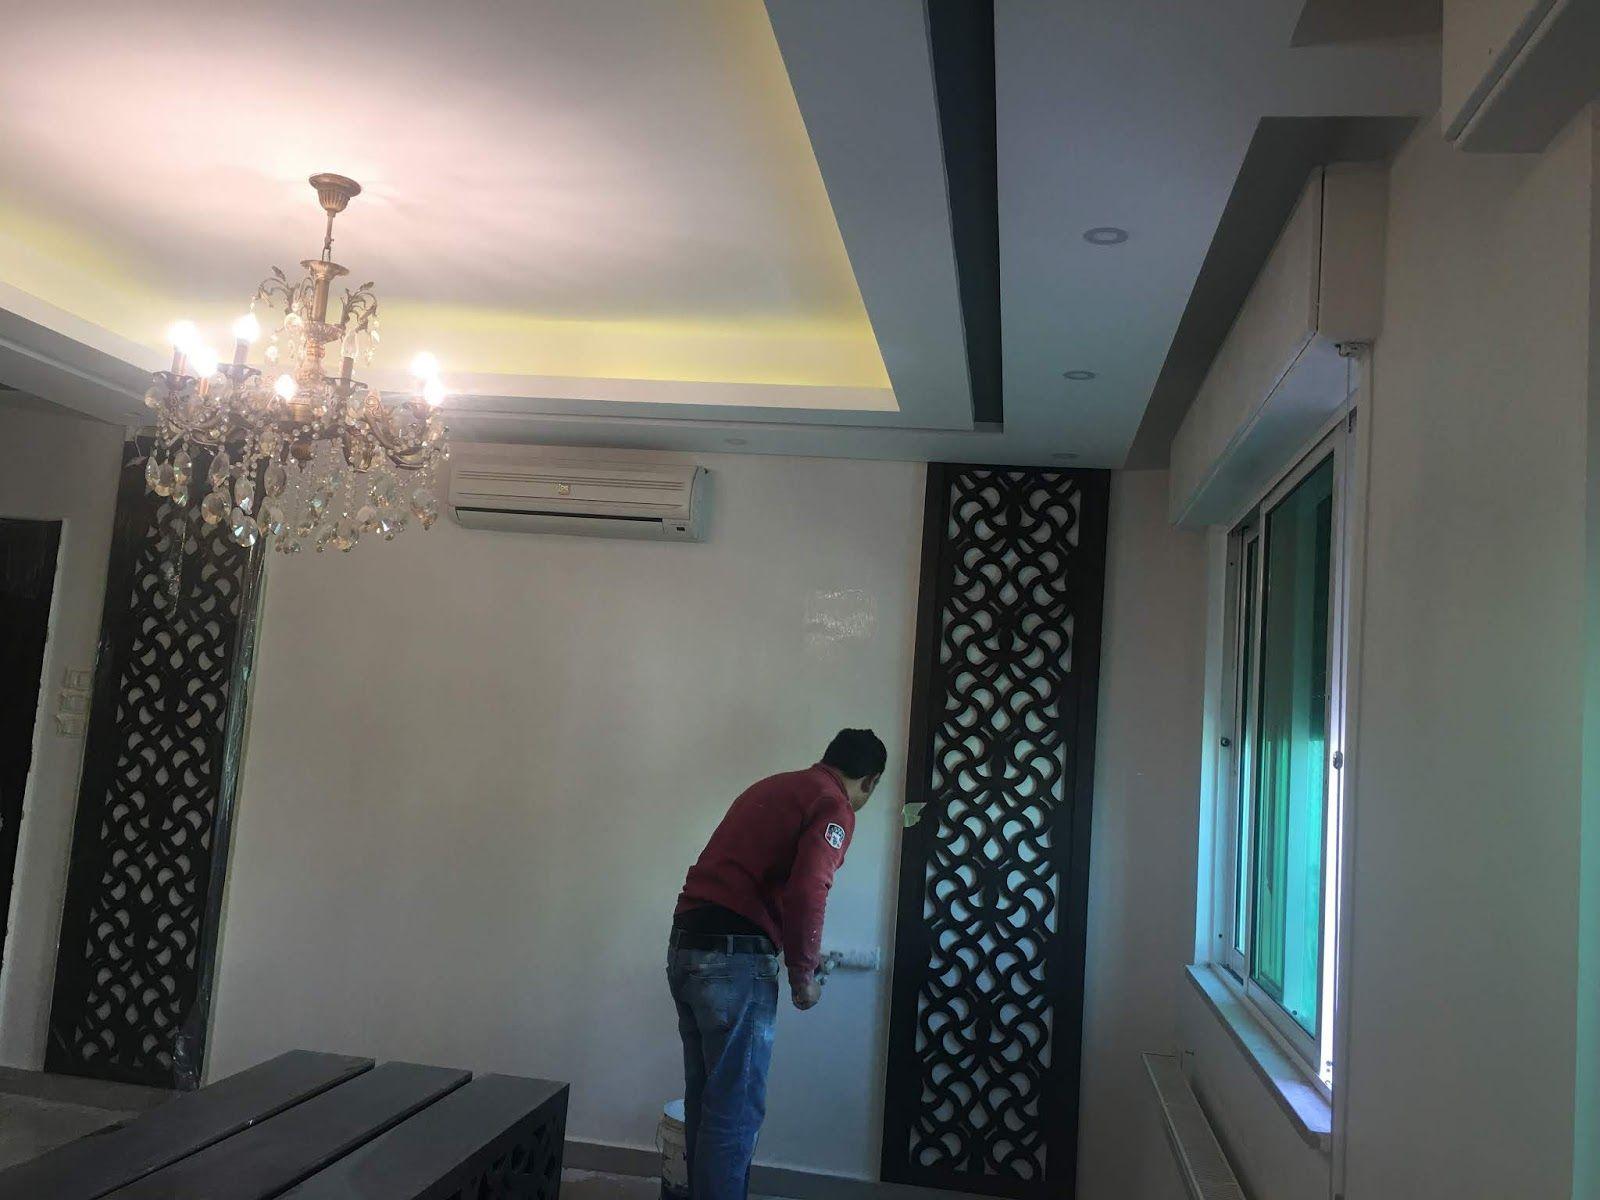 صور ديكورات جبسم بورد 2018 Gypsum Decoration Interior Design Decor Interior Design Design Interior Design